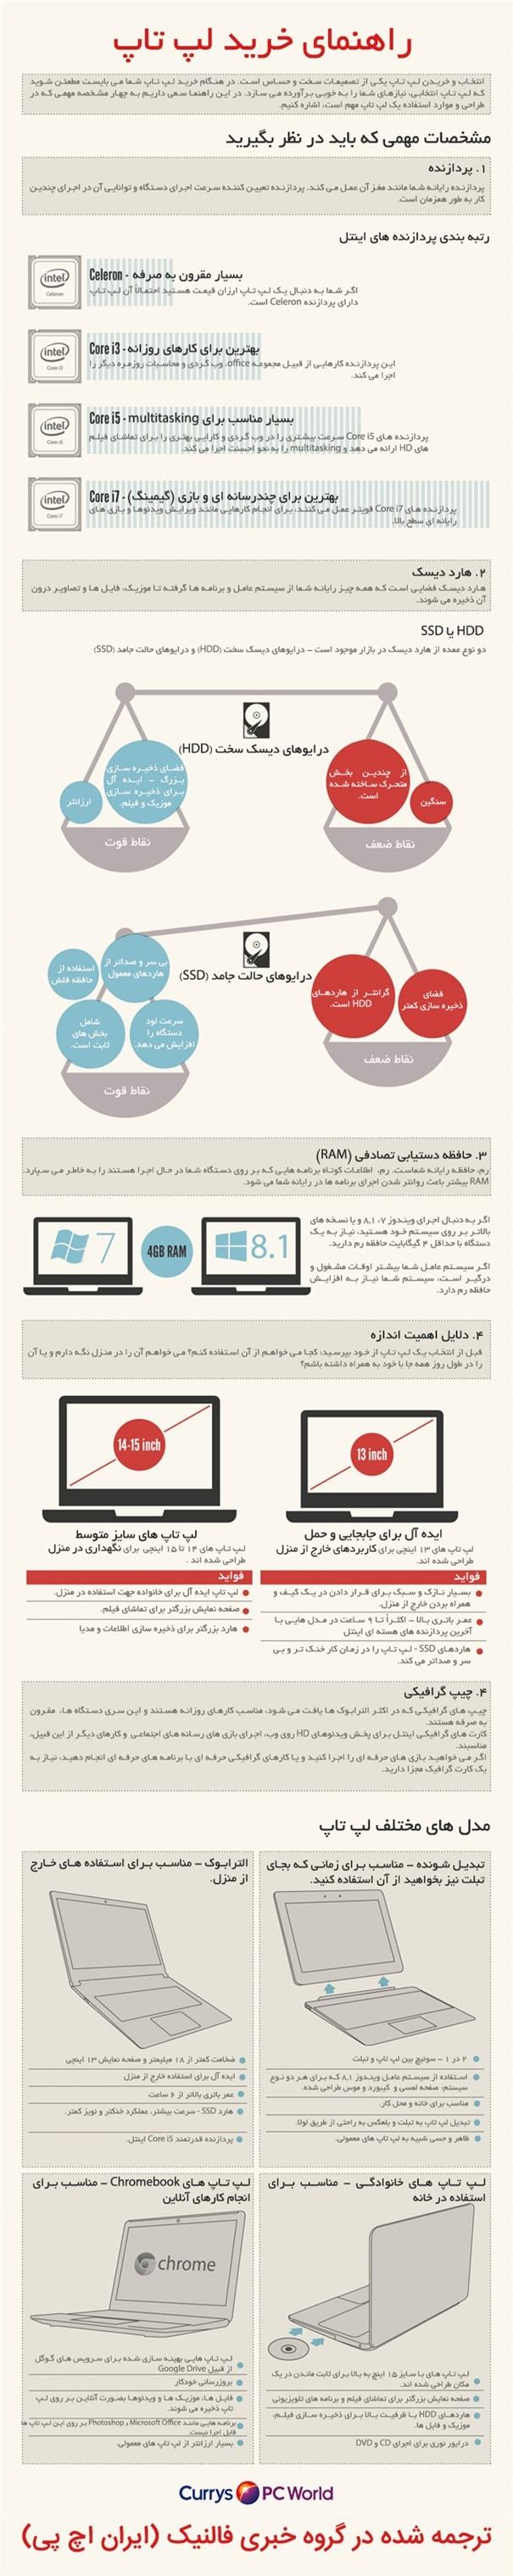 اینفوگرافیک: راهنمای خرید یک لپ تاپ خوب